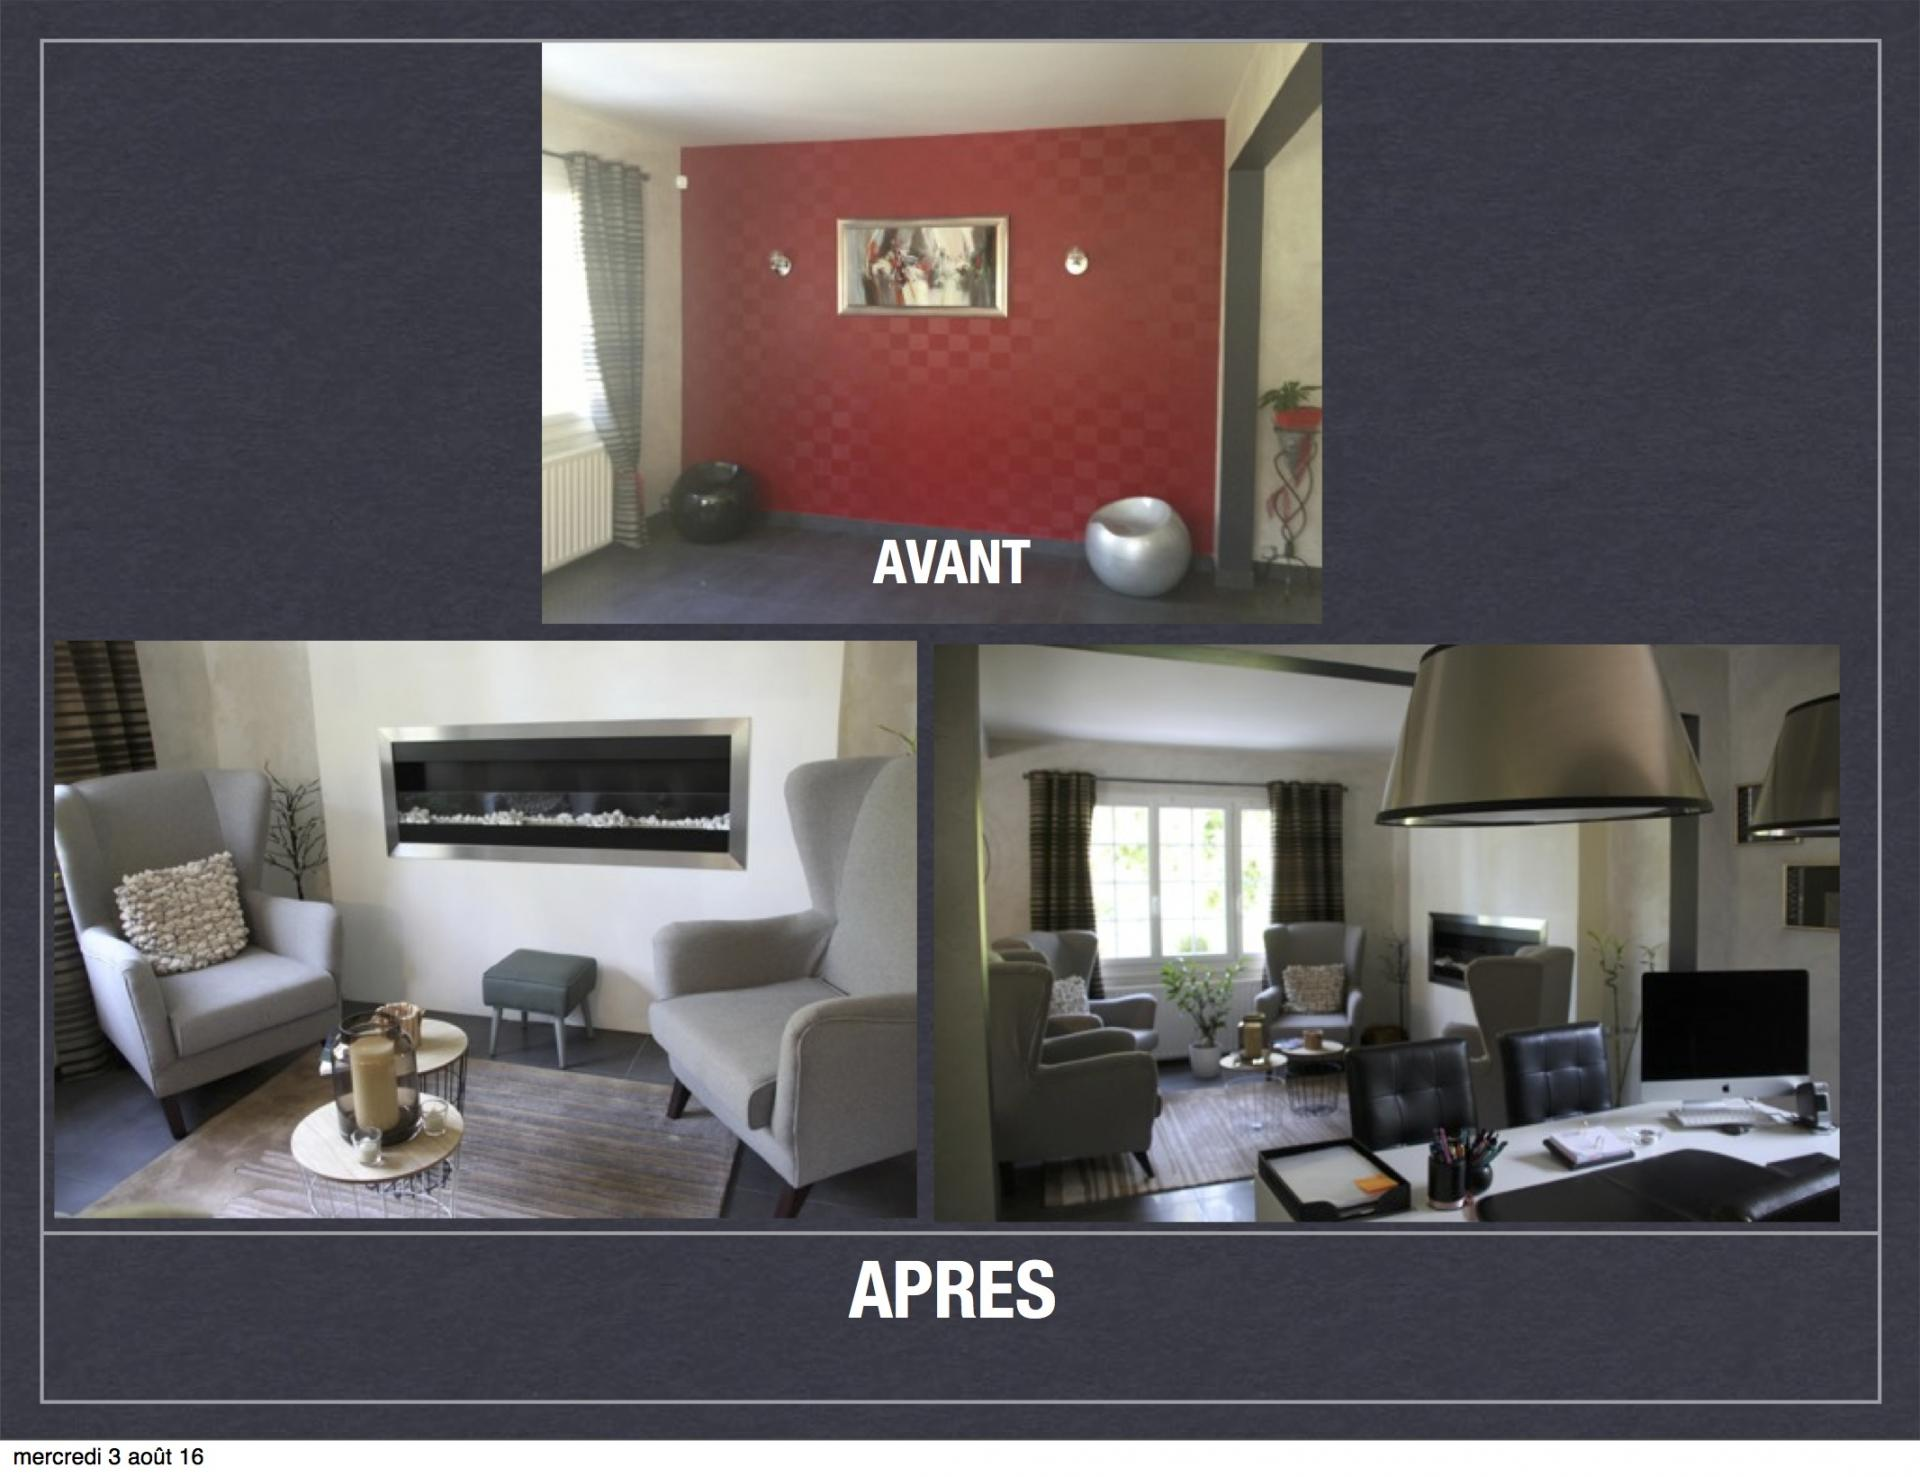 Avant Aprs Projet De Dcoration Et Damnagement Despace